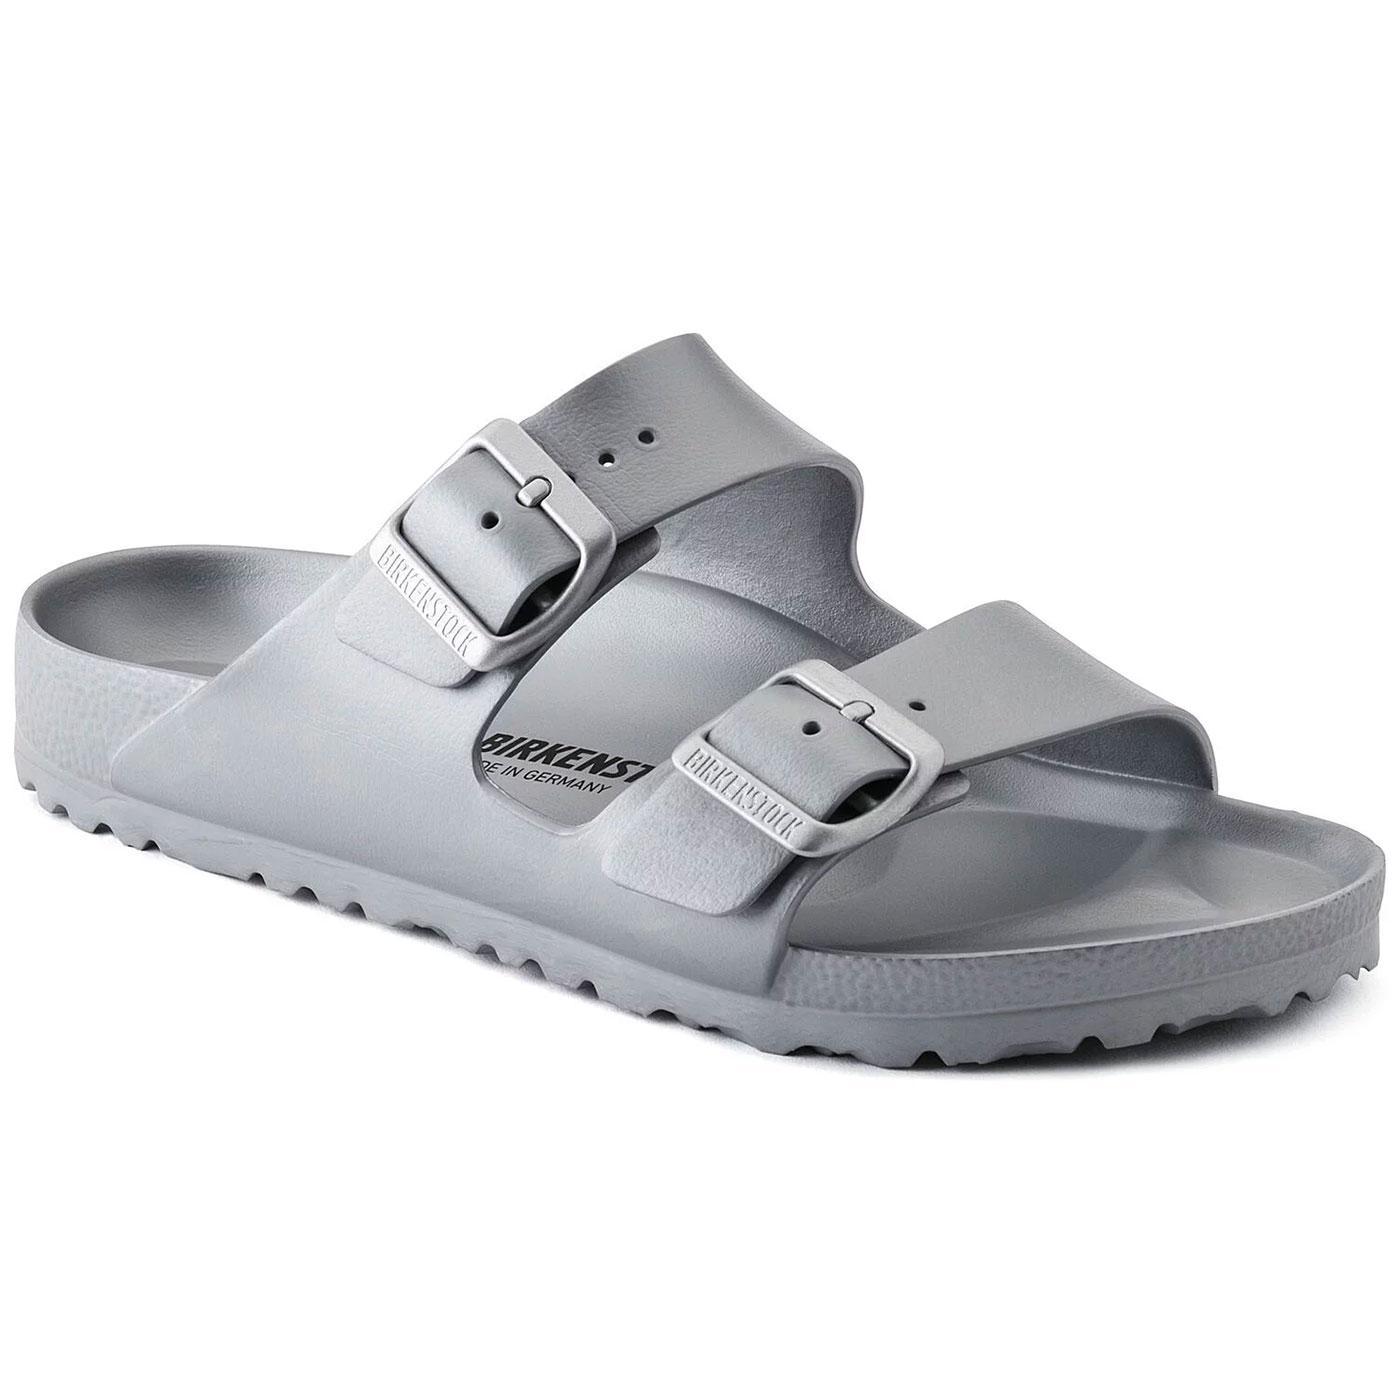 Arizona EVA BIRKENSTOCK Men's Waterproof Sandals S